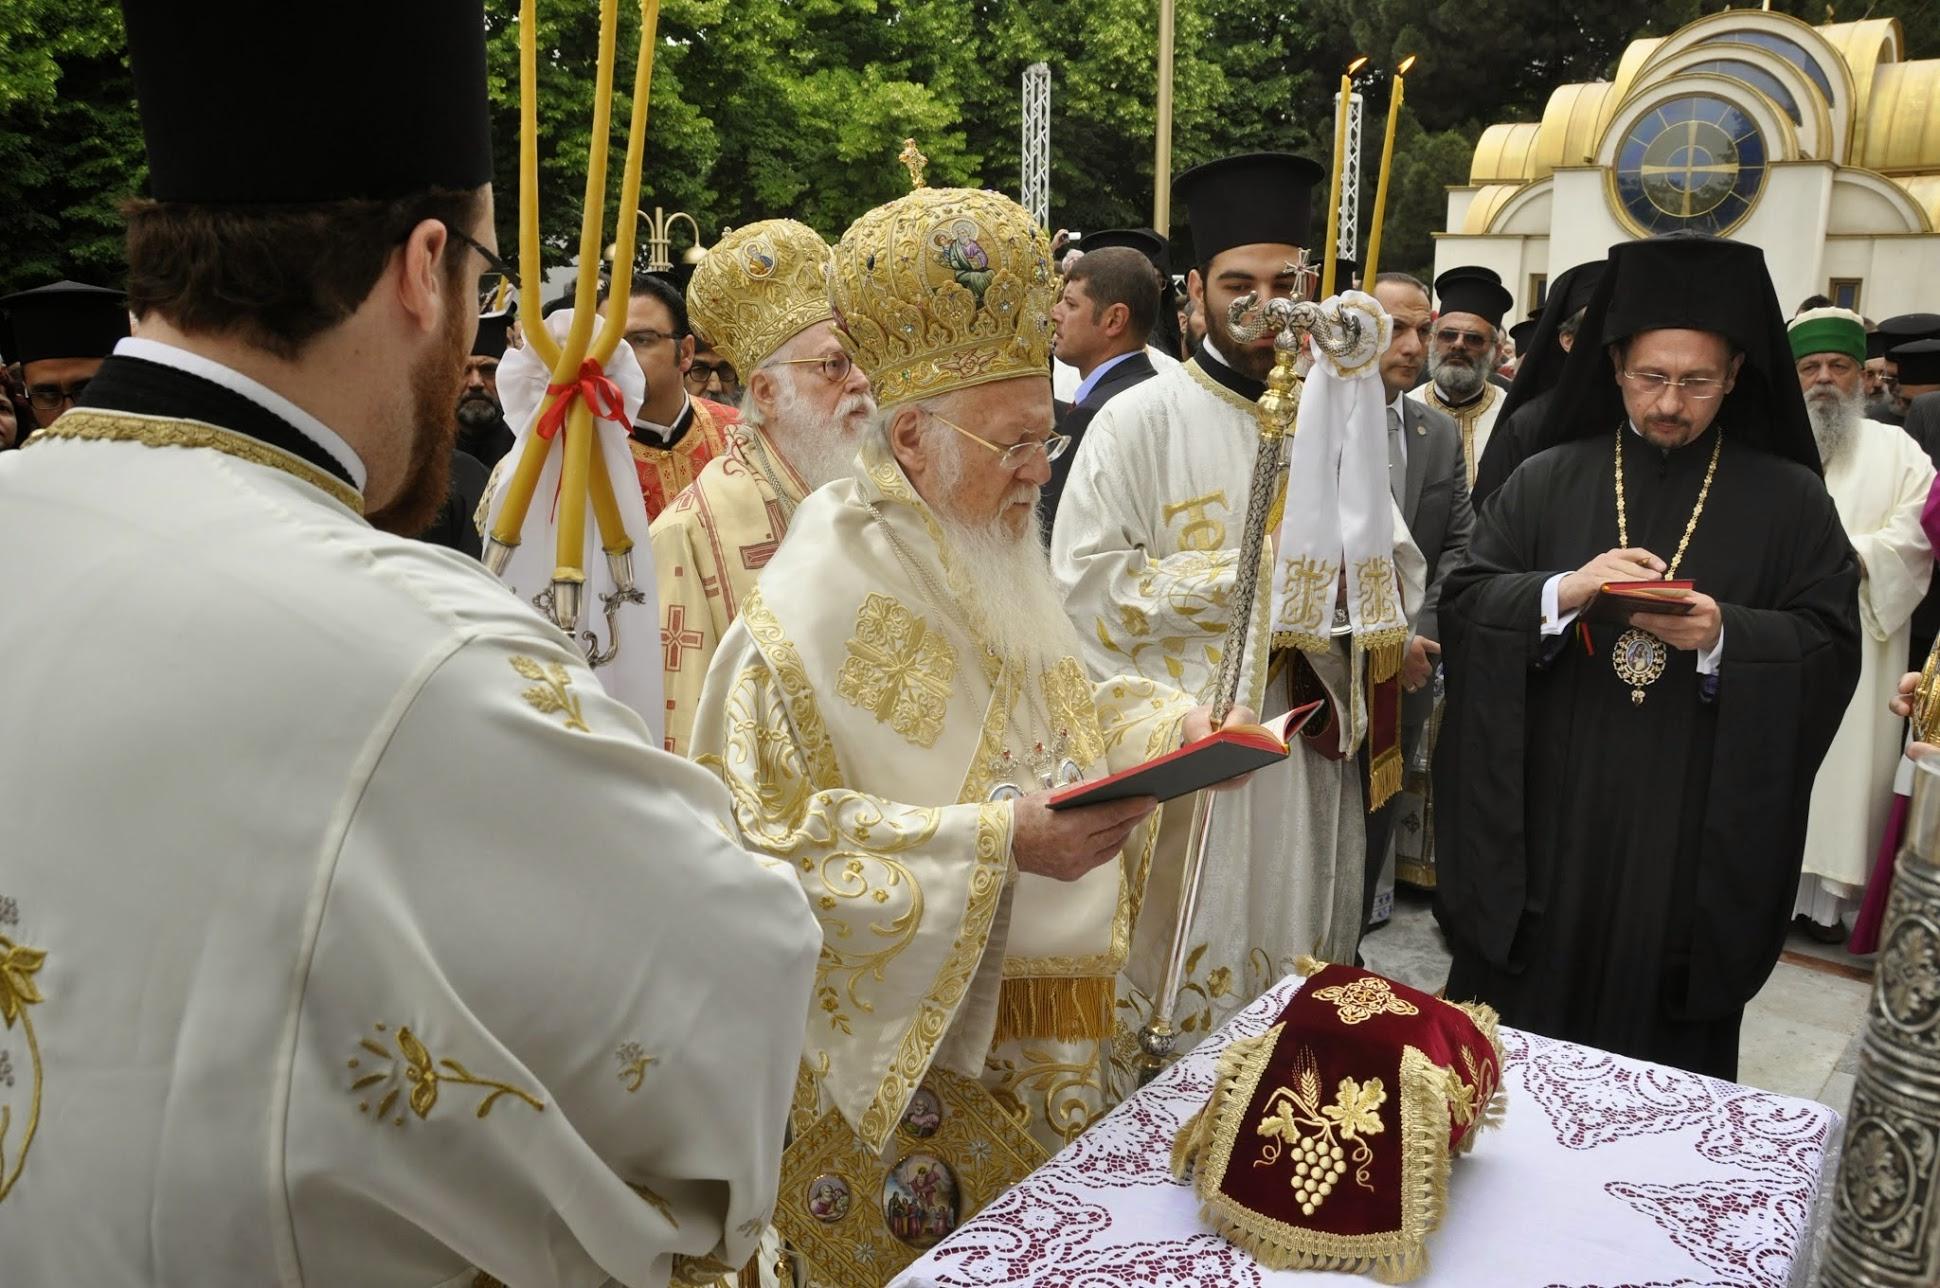 archiepiskopos-anastasios-o-golgothas-gia-tin-anastasi-tis-orthodoxis-ekklisias-stin-alvania3